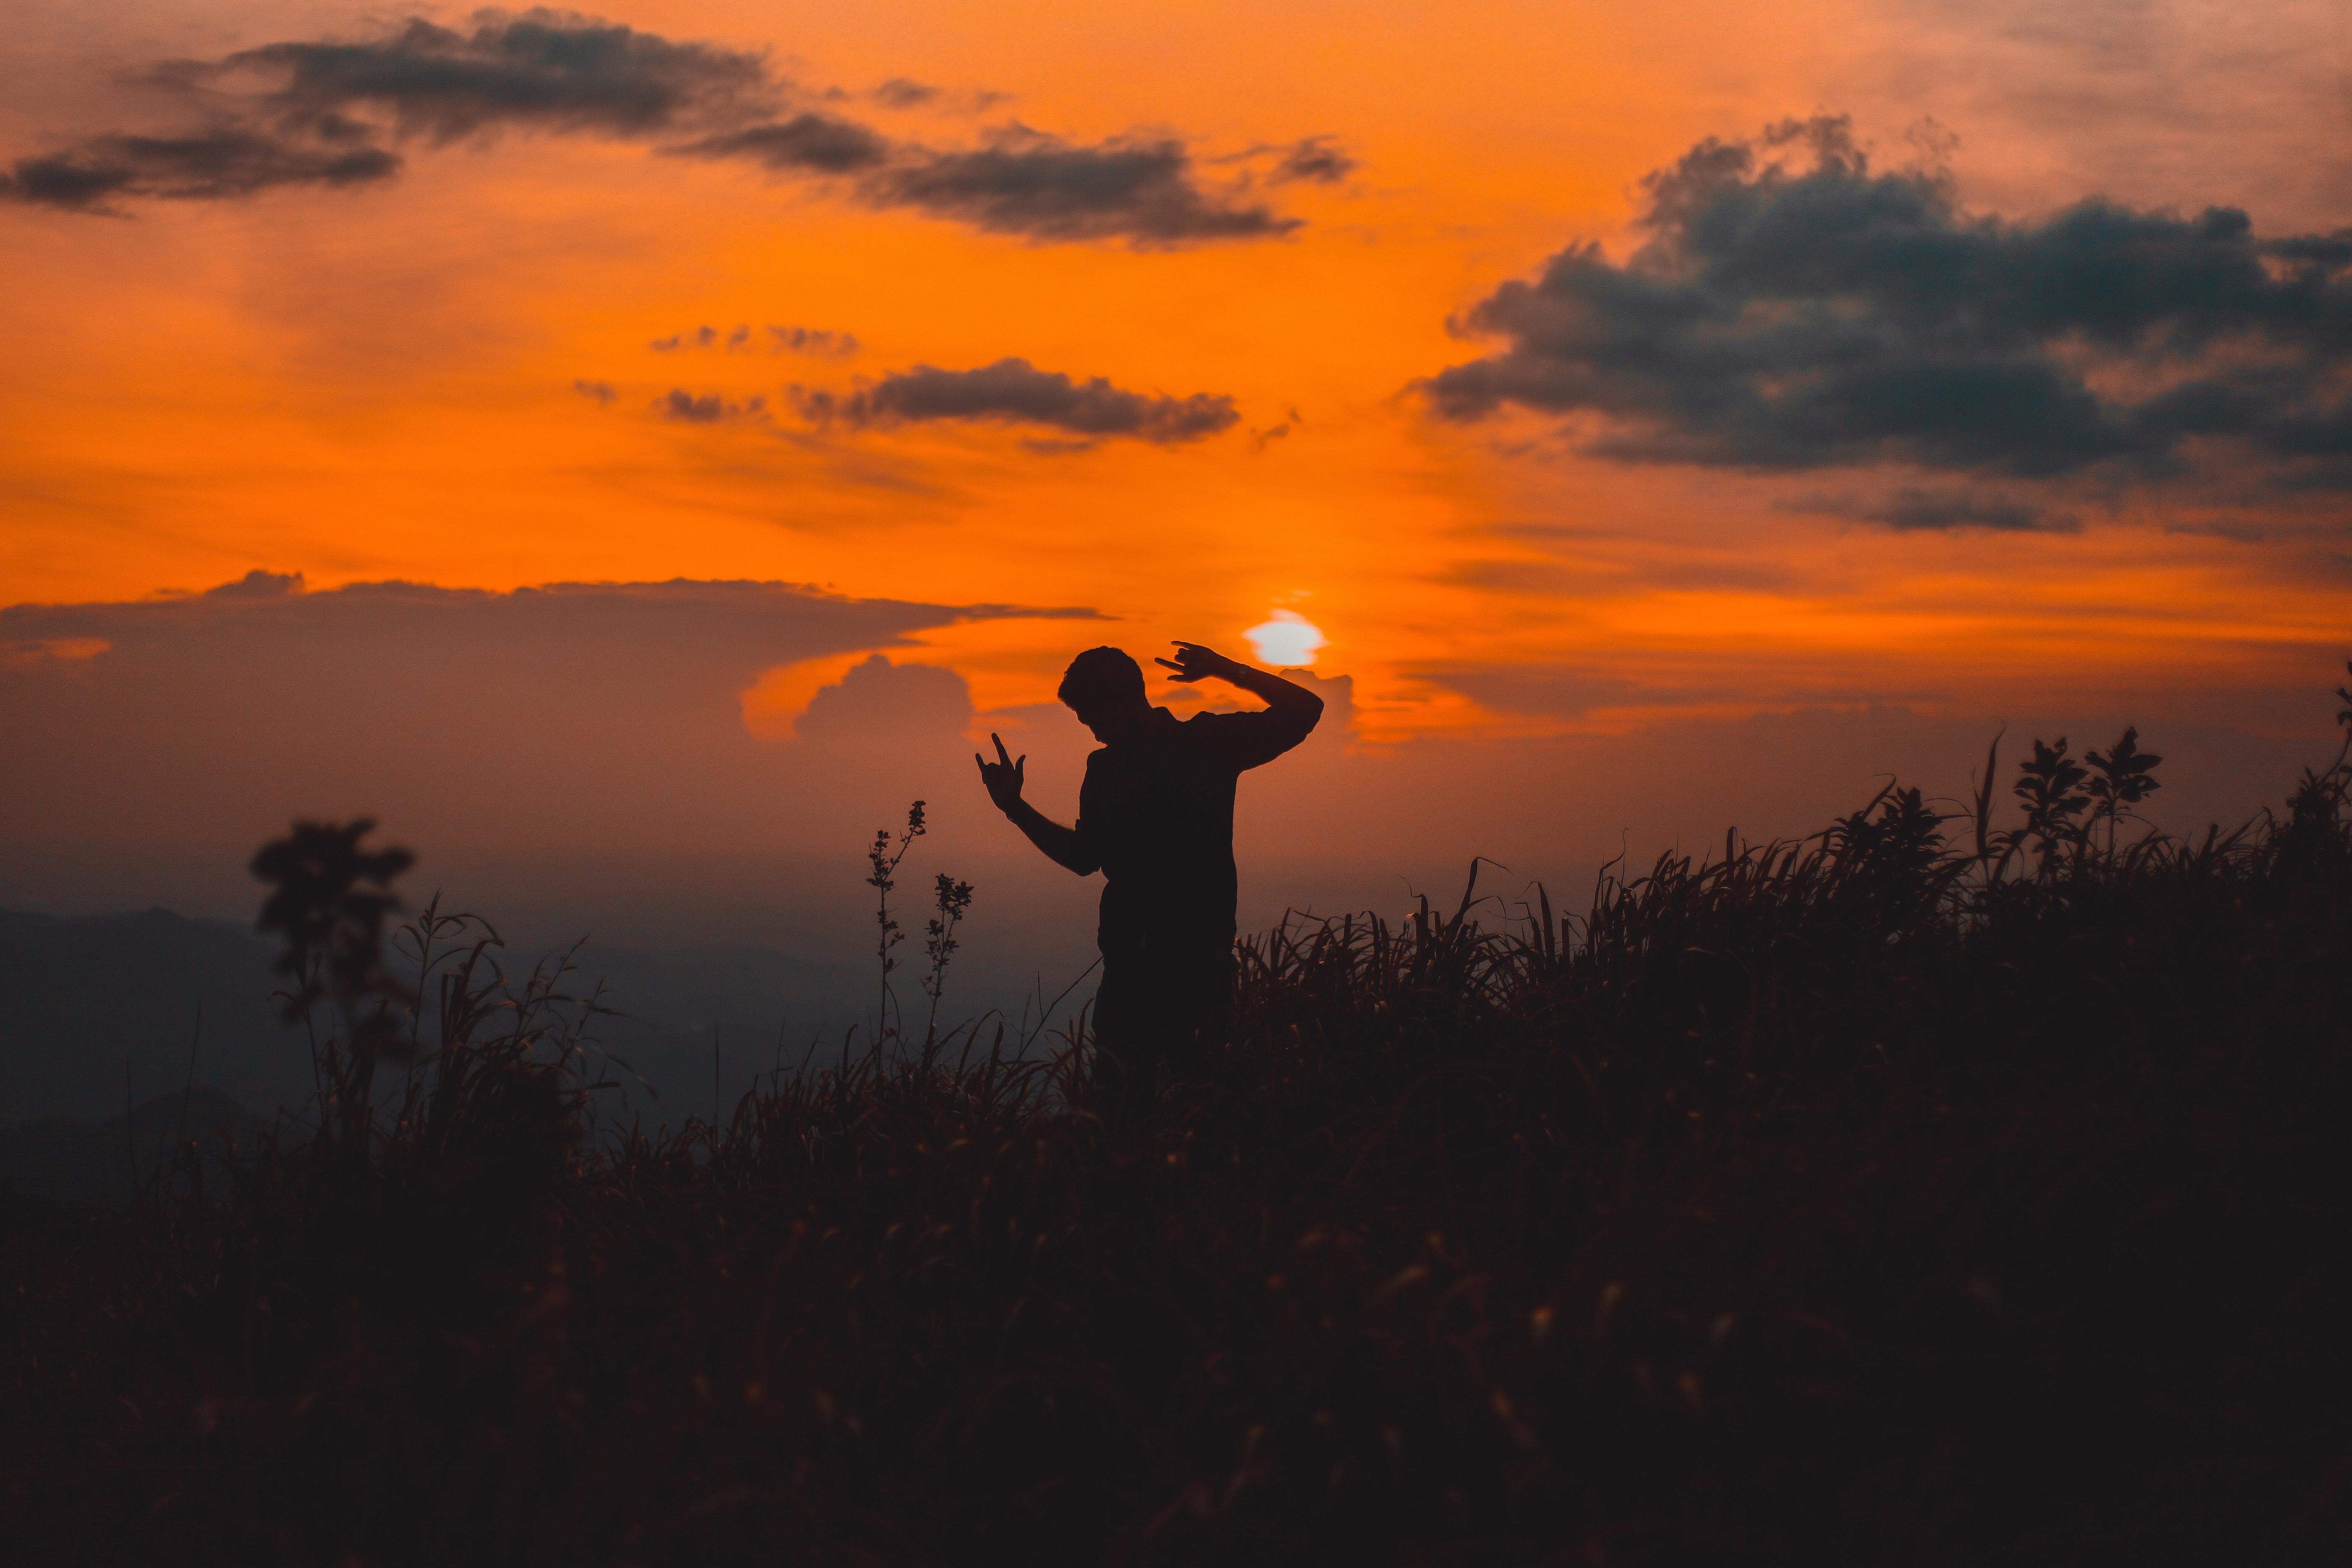 backlit-dawn-dusk-2292833.jpg